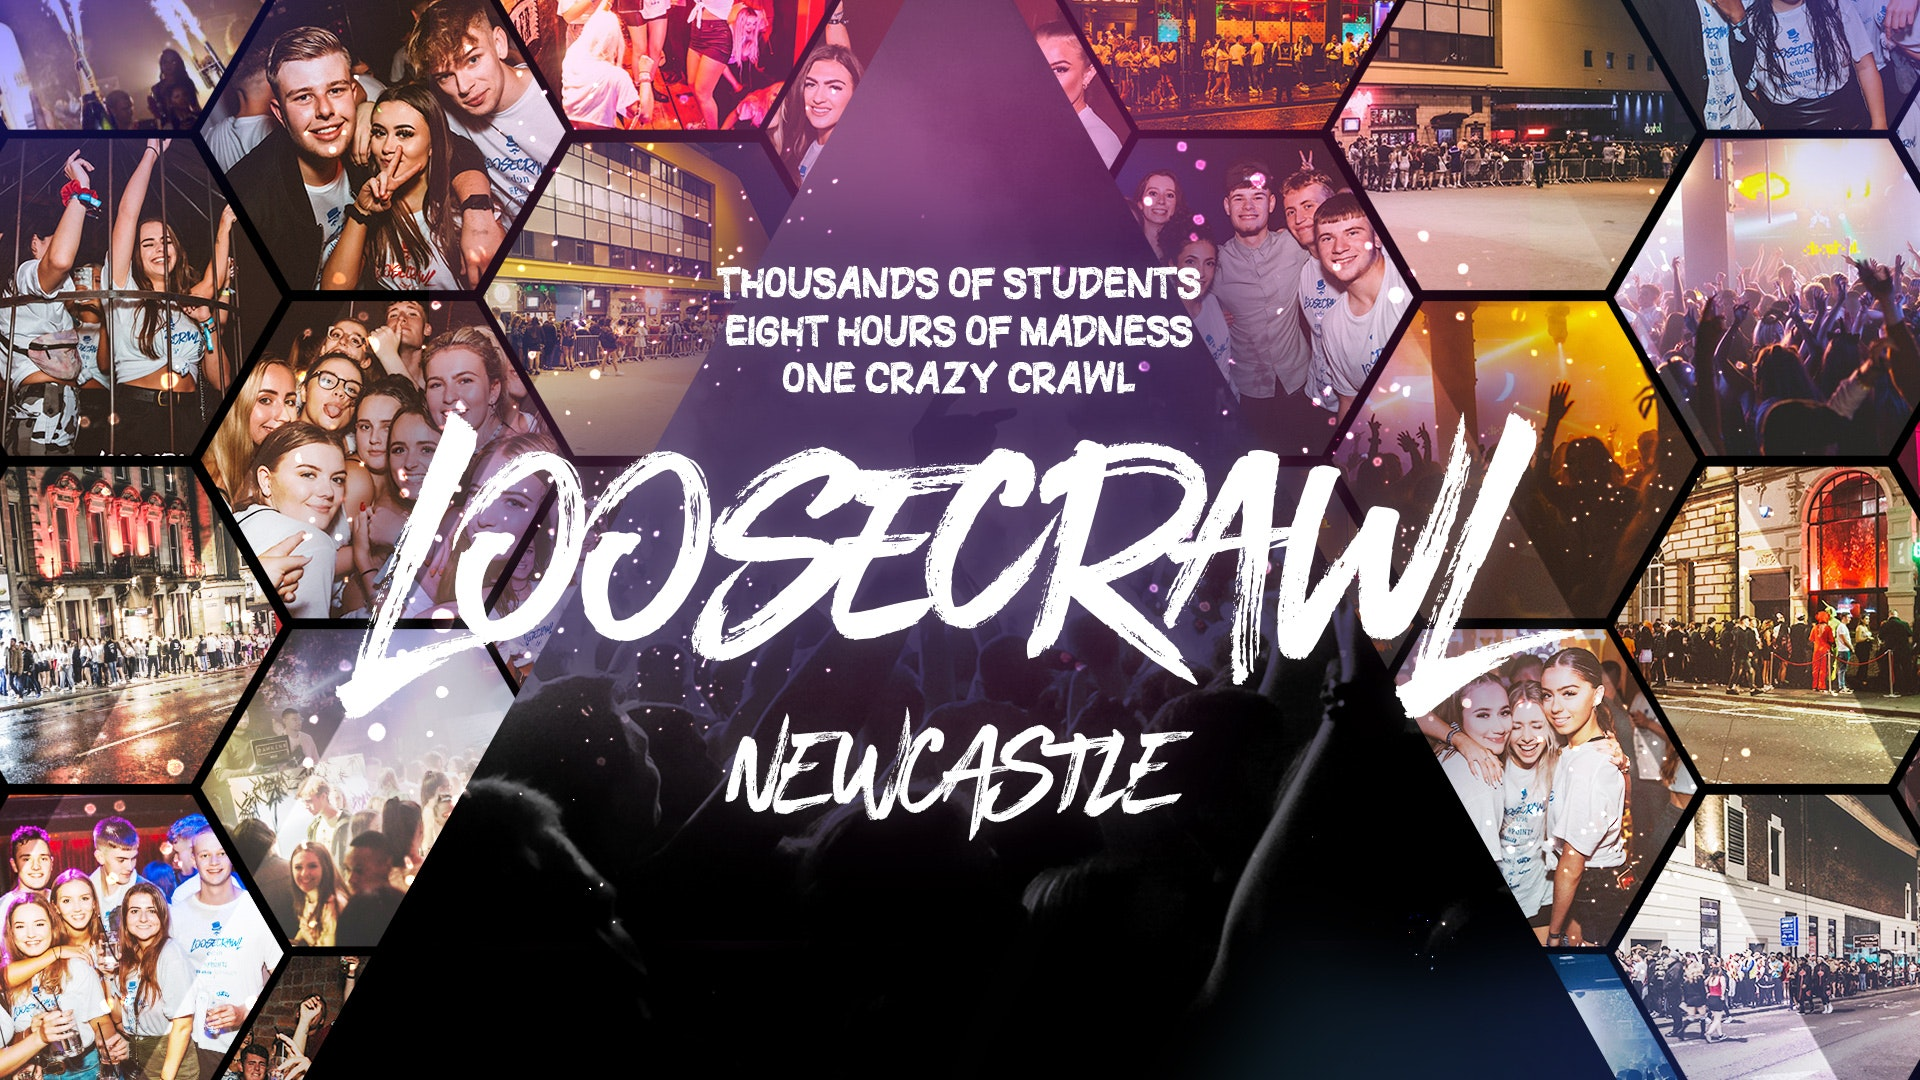 LooseCrawl   Newcastle University Freshers I 2021